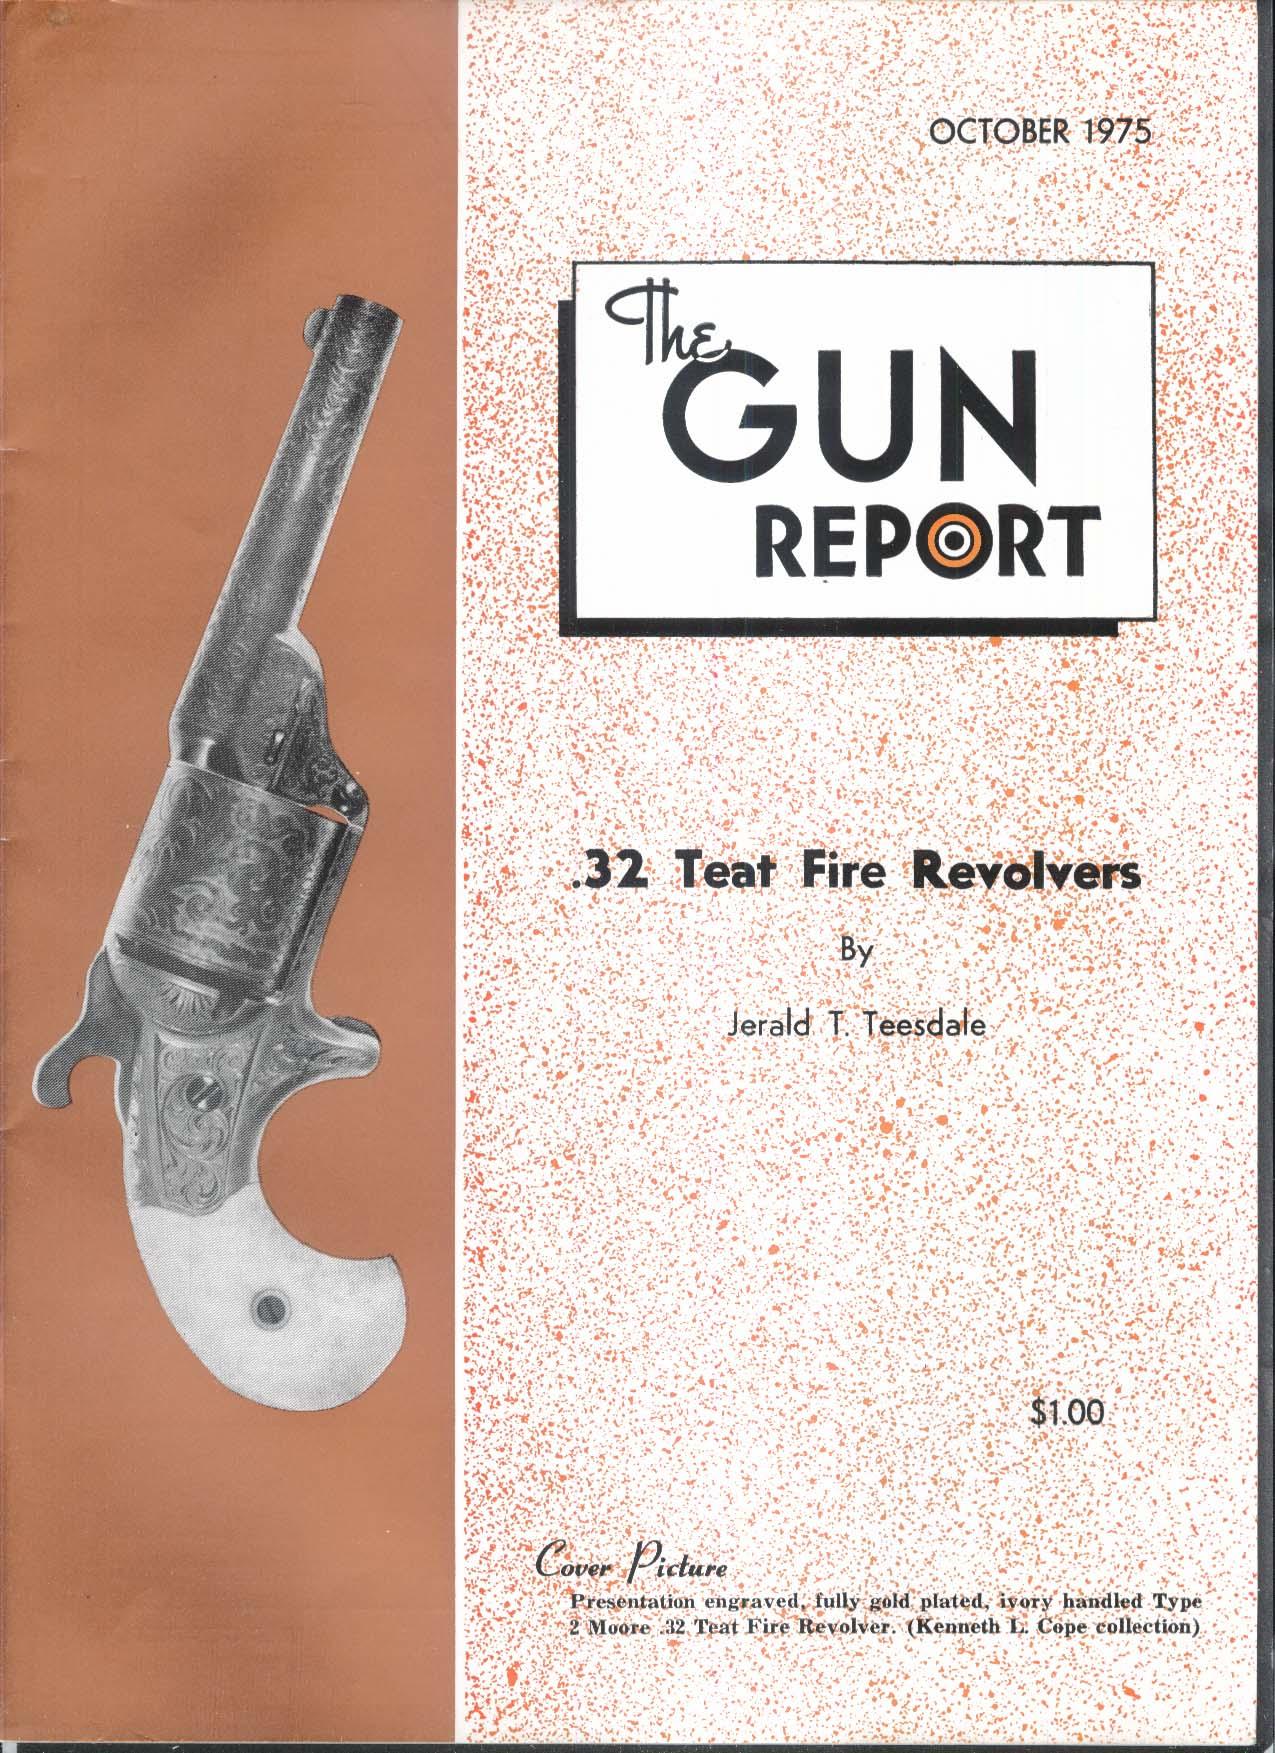 GUN REPORT 32 Teat Fire Revolvers 10 1975